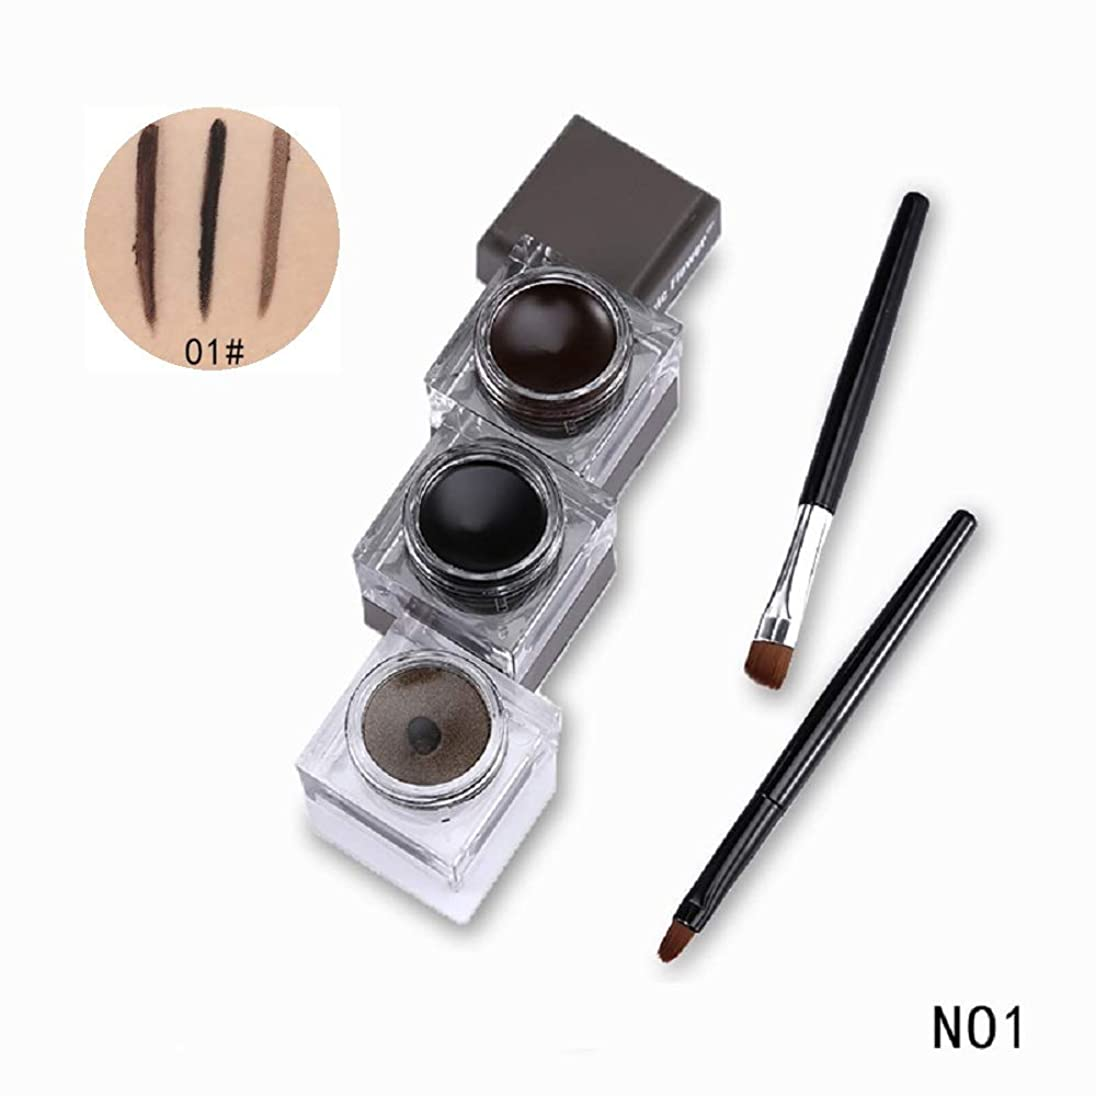 経度吐くバトル3 in 1 Eyeliner Gel Eyebrow Cream Black Eye Liner with Eye Brown Makeup Brushes Tool Natural Cosmetic Set アイライナージェルアイブロークリームブラックアイライナーアイブラウンメイクブラシツールナチュラル化粧品セット (No1)